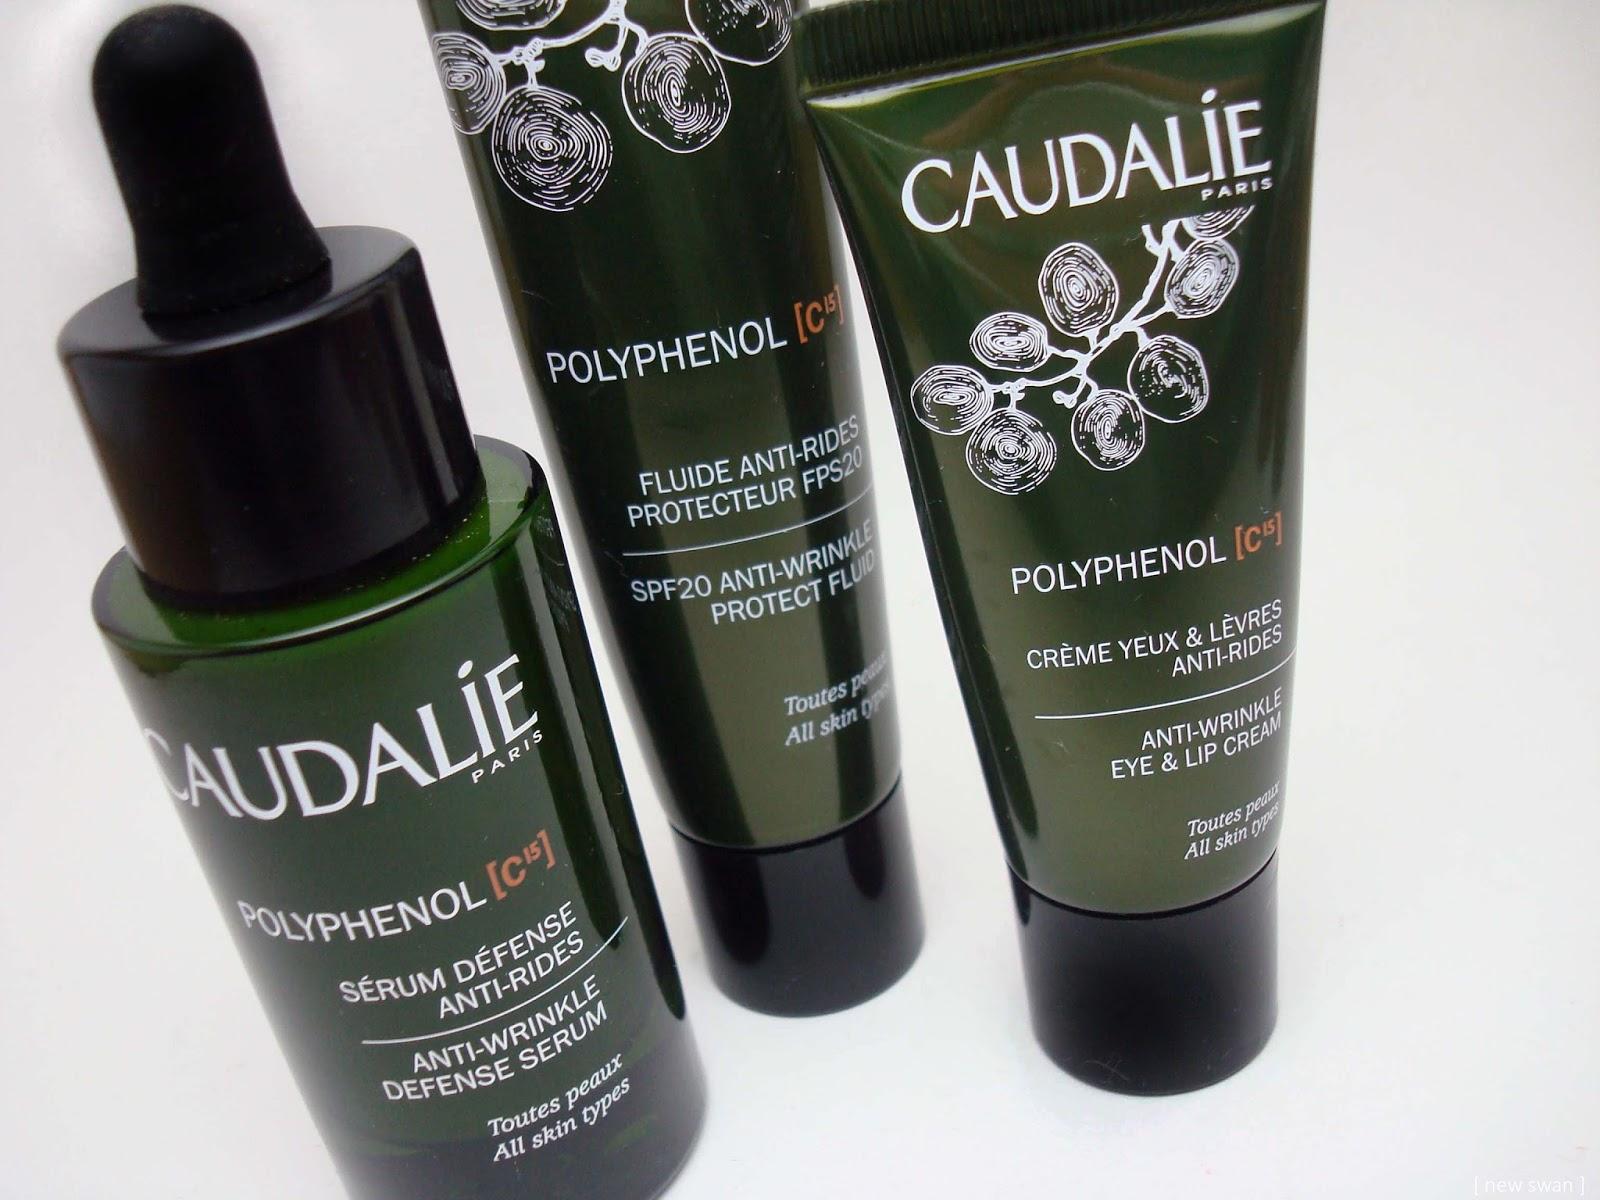 Polyphenol [C15] von Caudalie